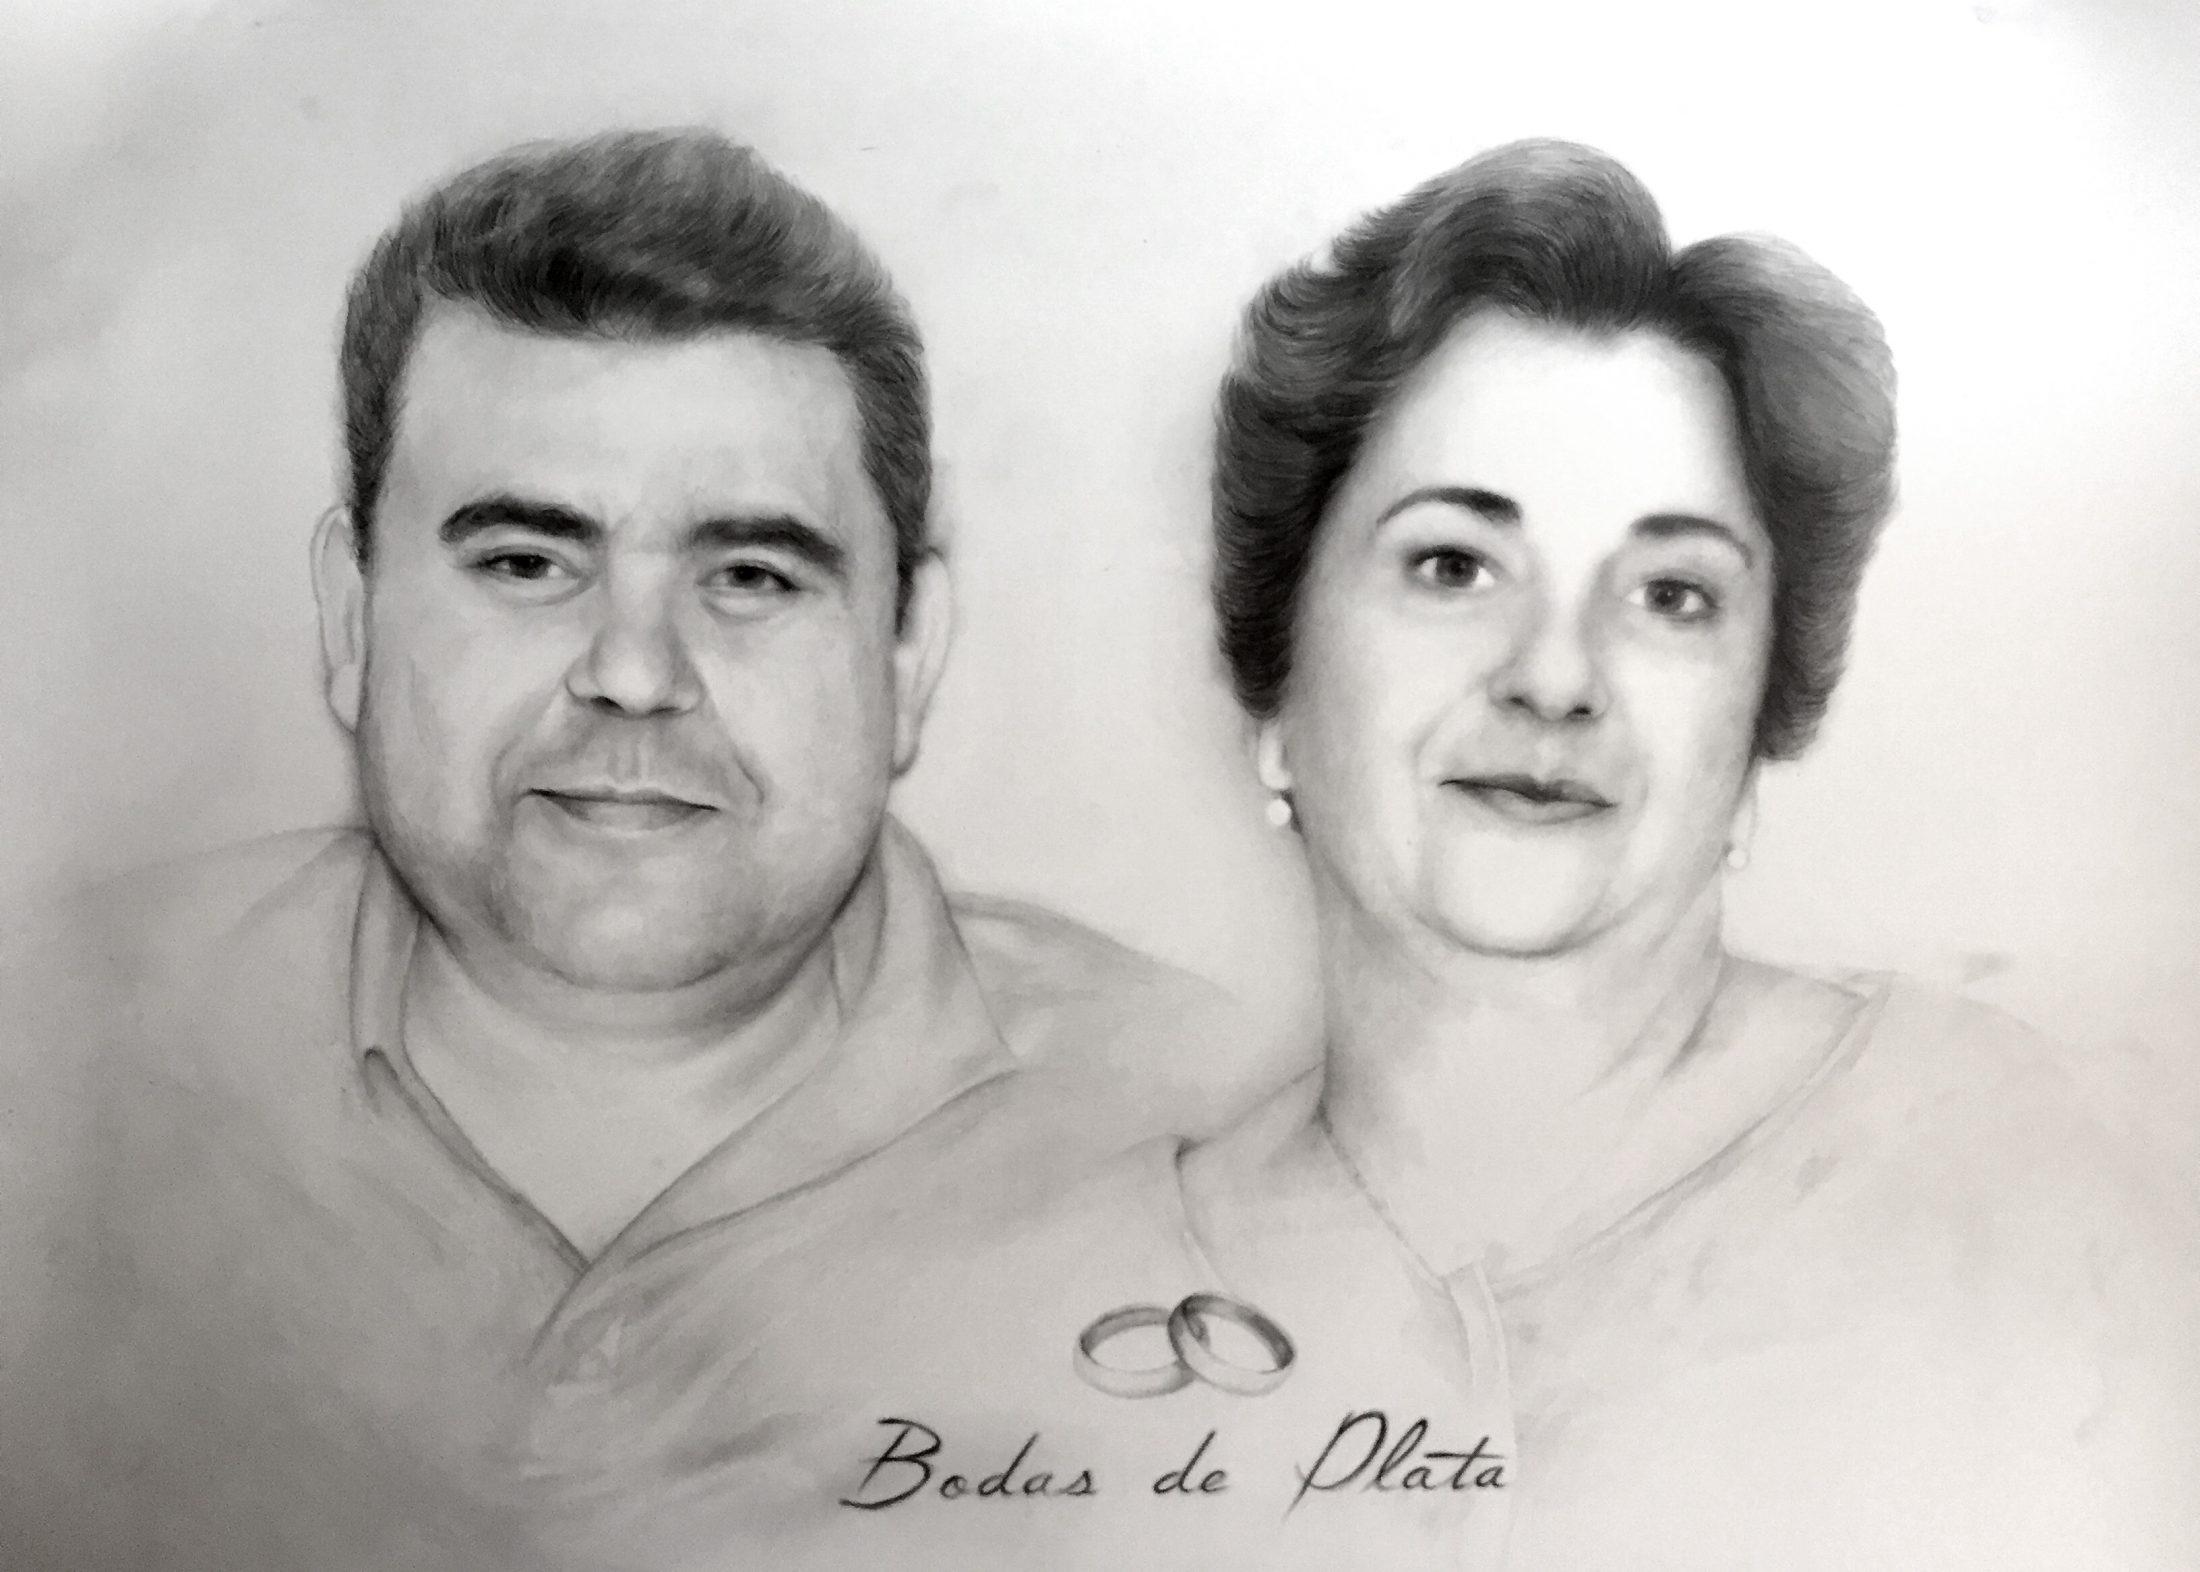 regalo-para-bodas-de-oro-e1488759066972